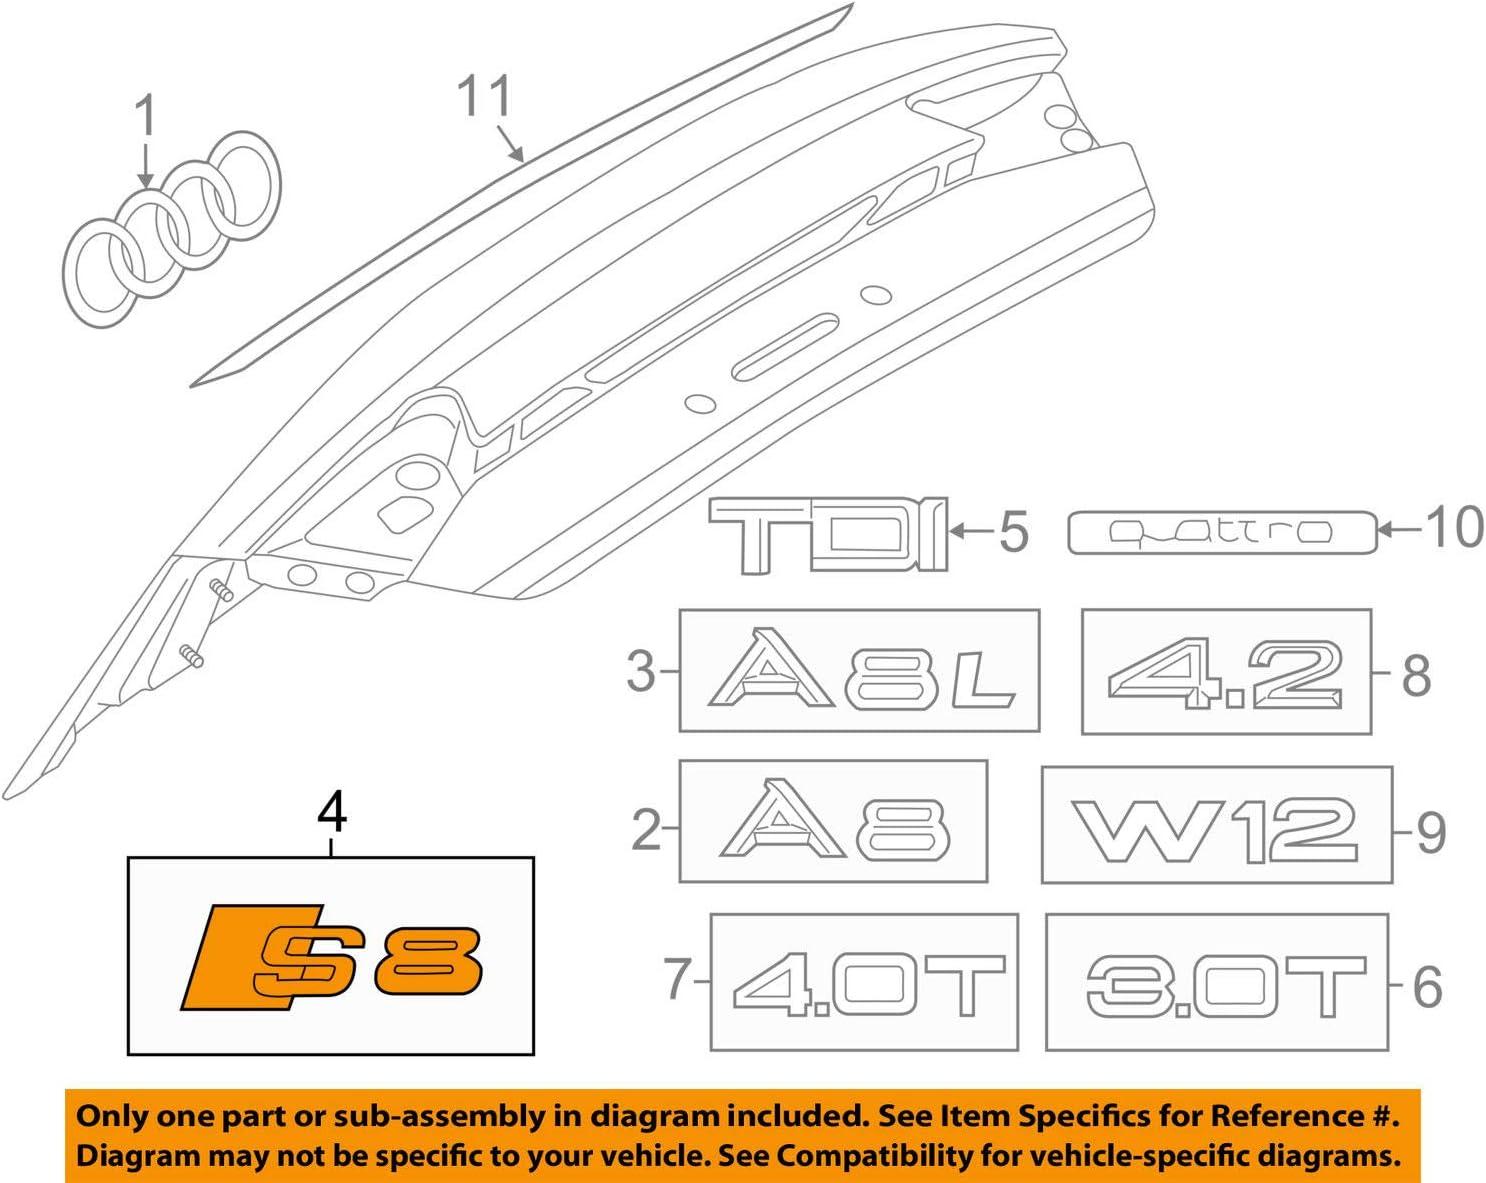 Genuine Audi A7 2011 S7 Rear Nameplate Lettering Badge Emblem